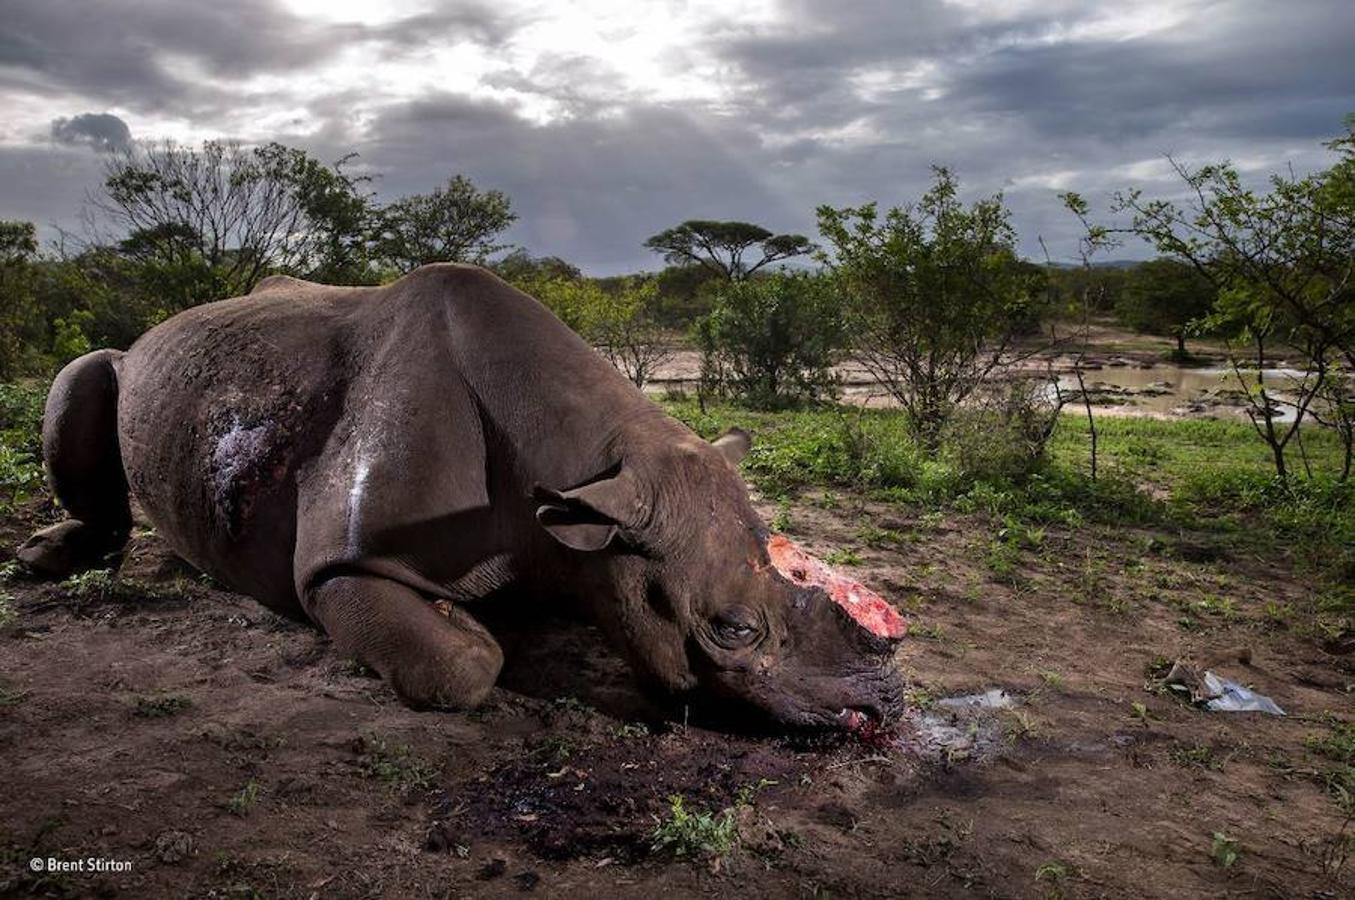 Un rinoceronte mutilado, fotografía vencedora en los premios del Museo de Historia Natural de Londres